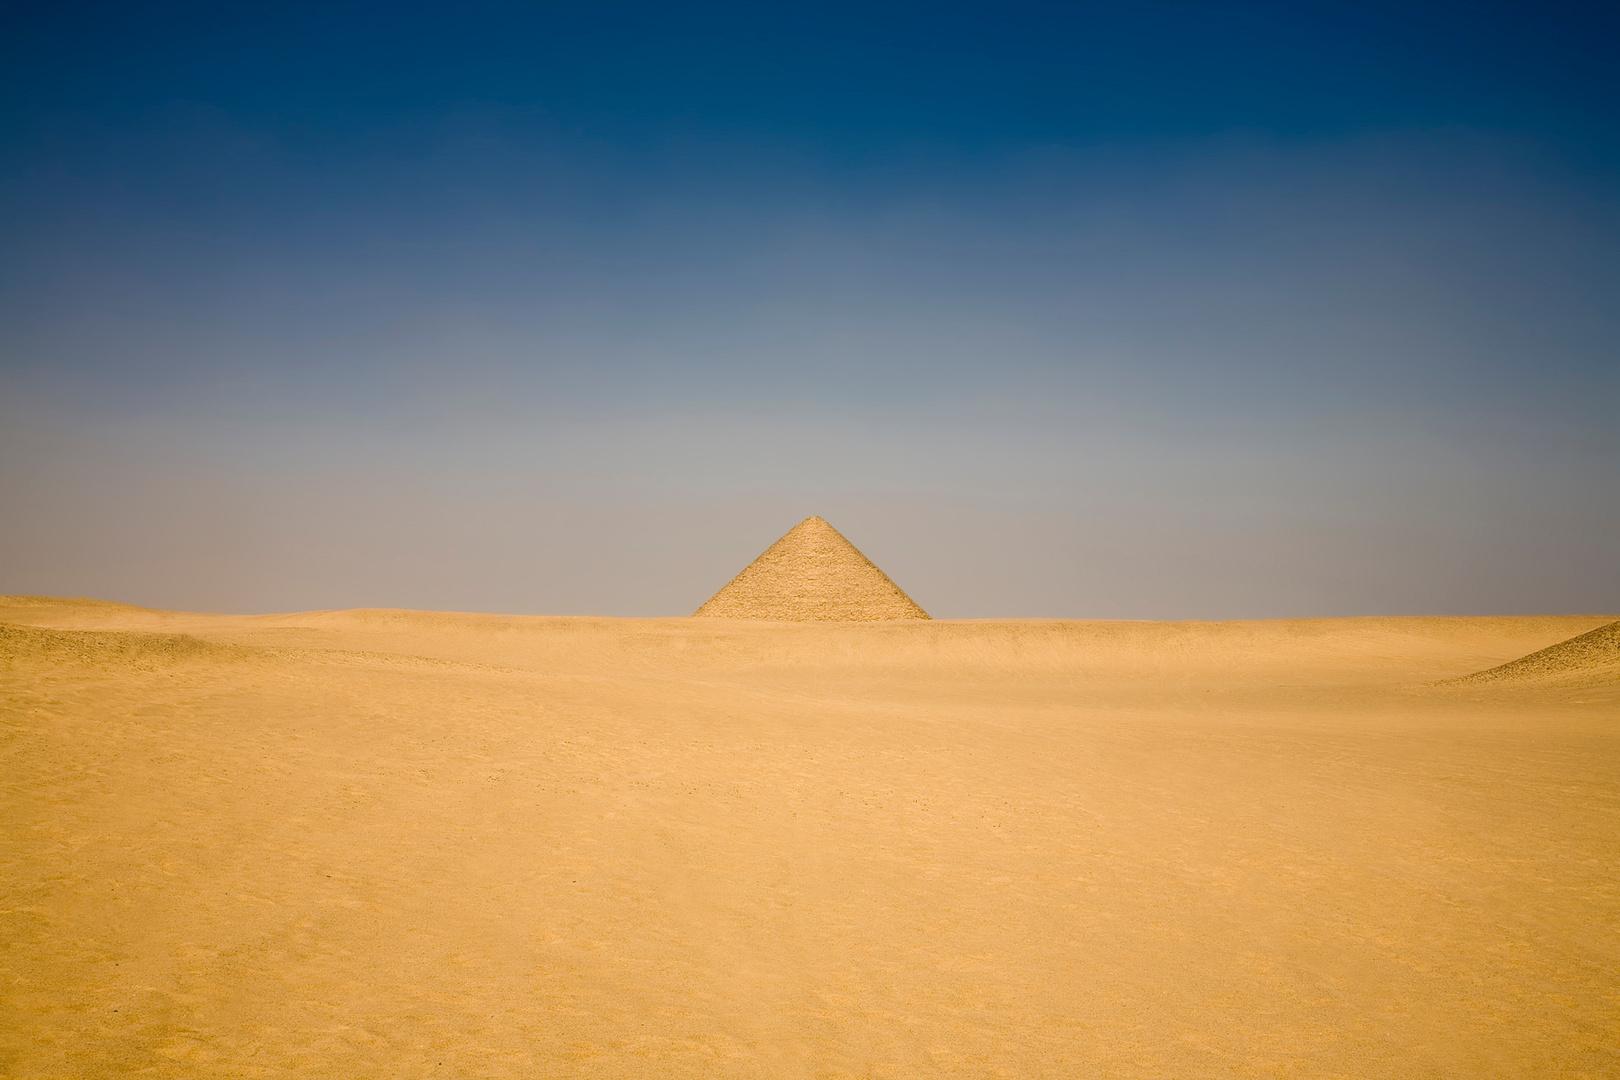 Piramide-Sahara.jpg